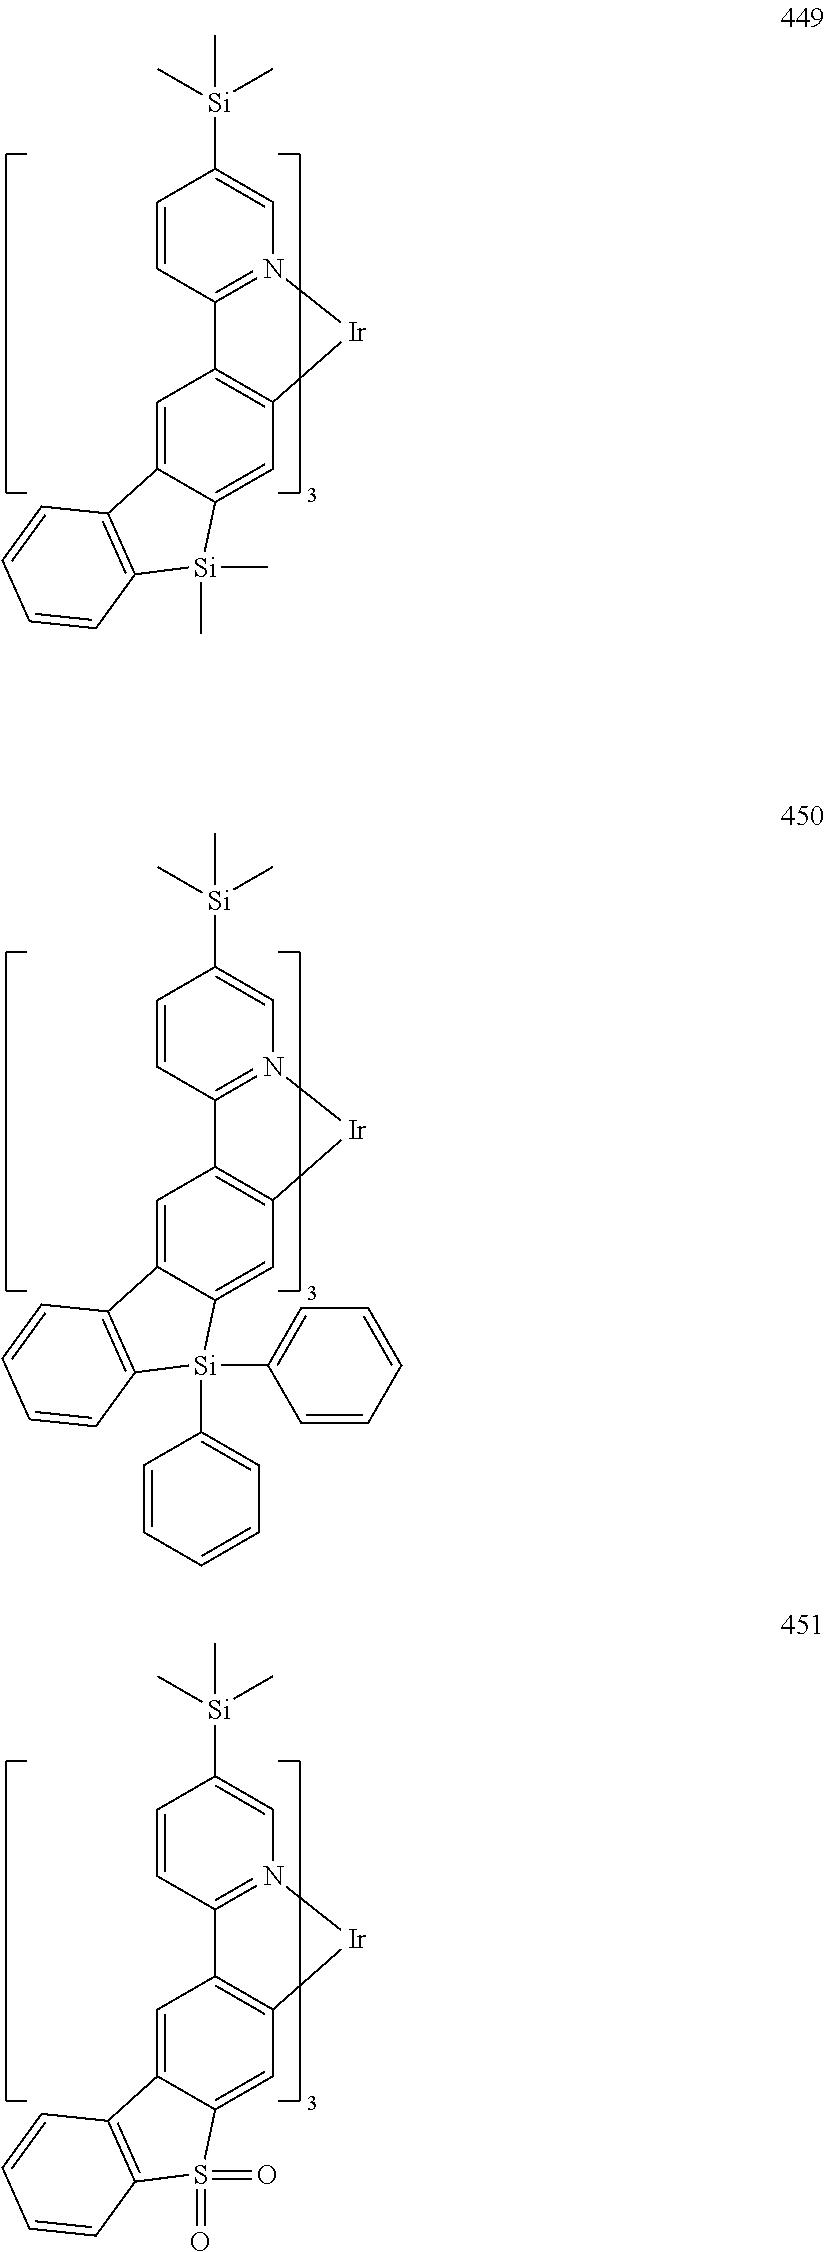 Figure US20160155962A1-20160602-C00195